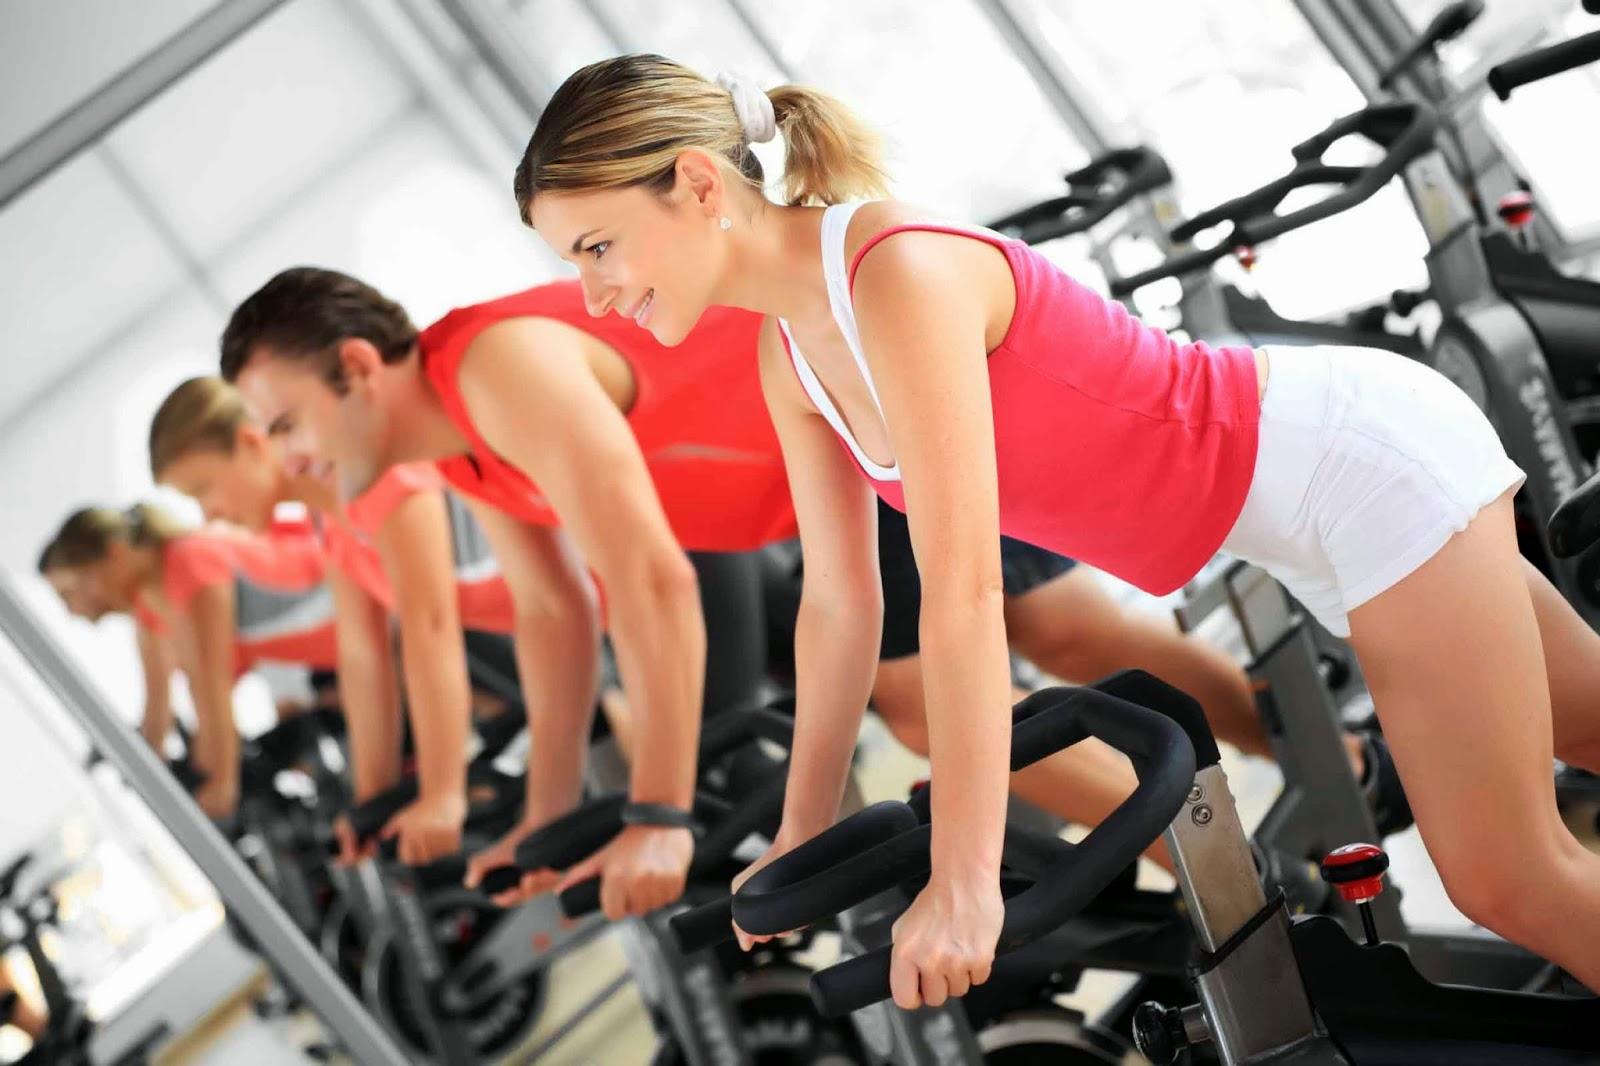 Asistir a un gimnasio. ¡Tiene muchos beneficios!